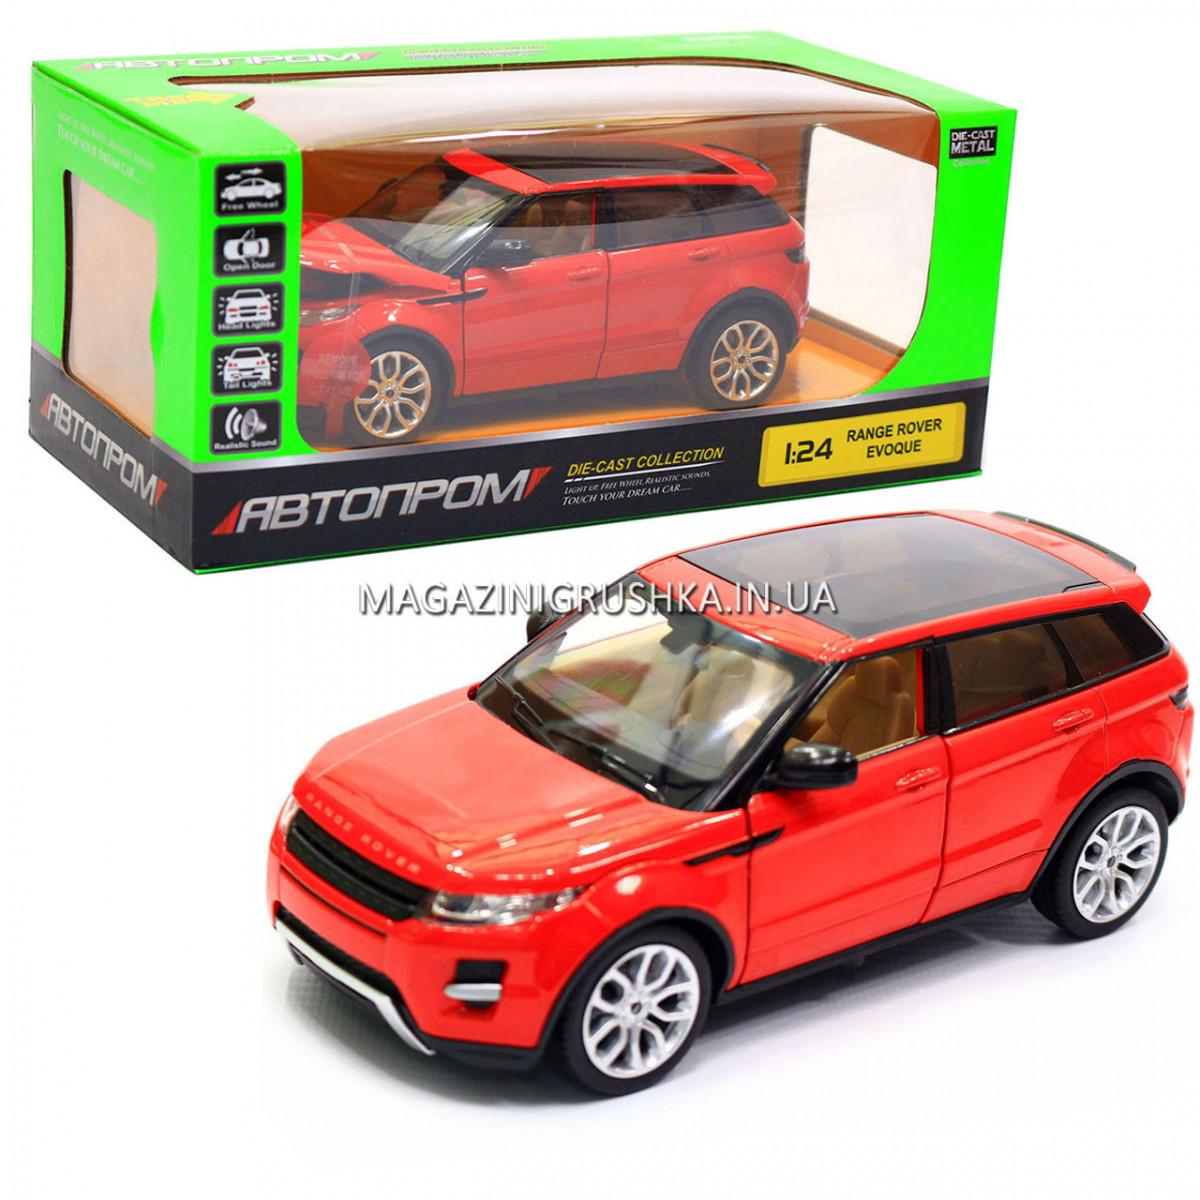 Машинка игровая автопром «Range Rover Evoque» красный 68244A